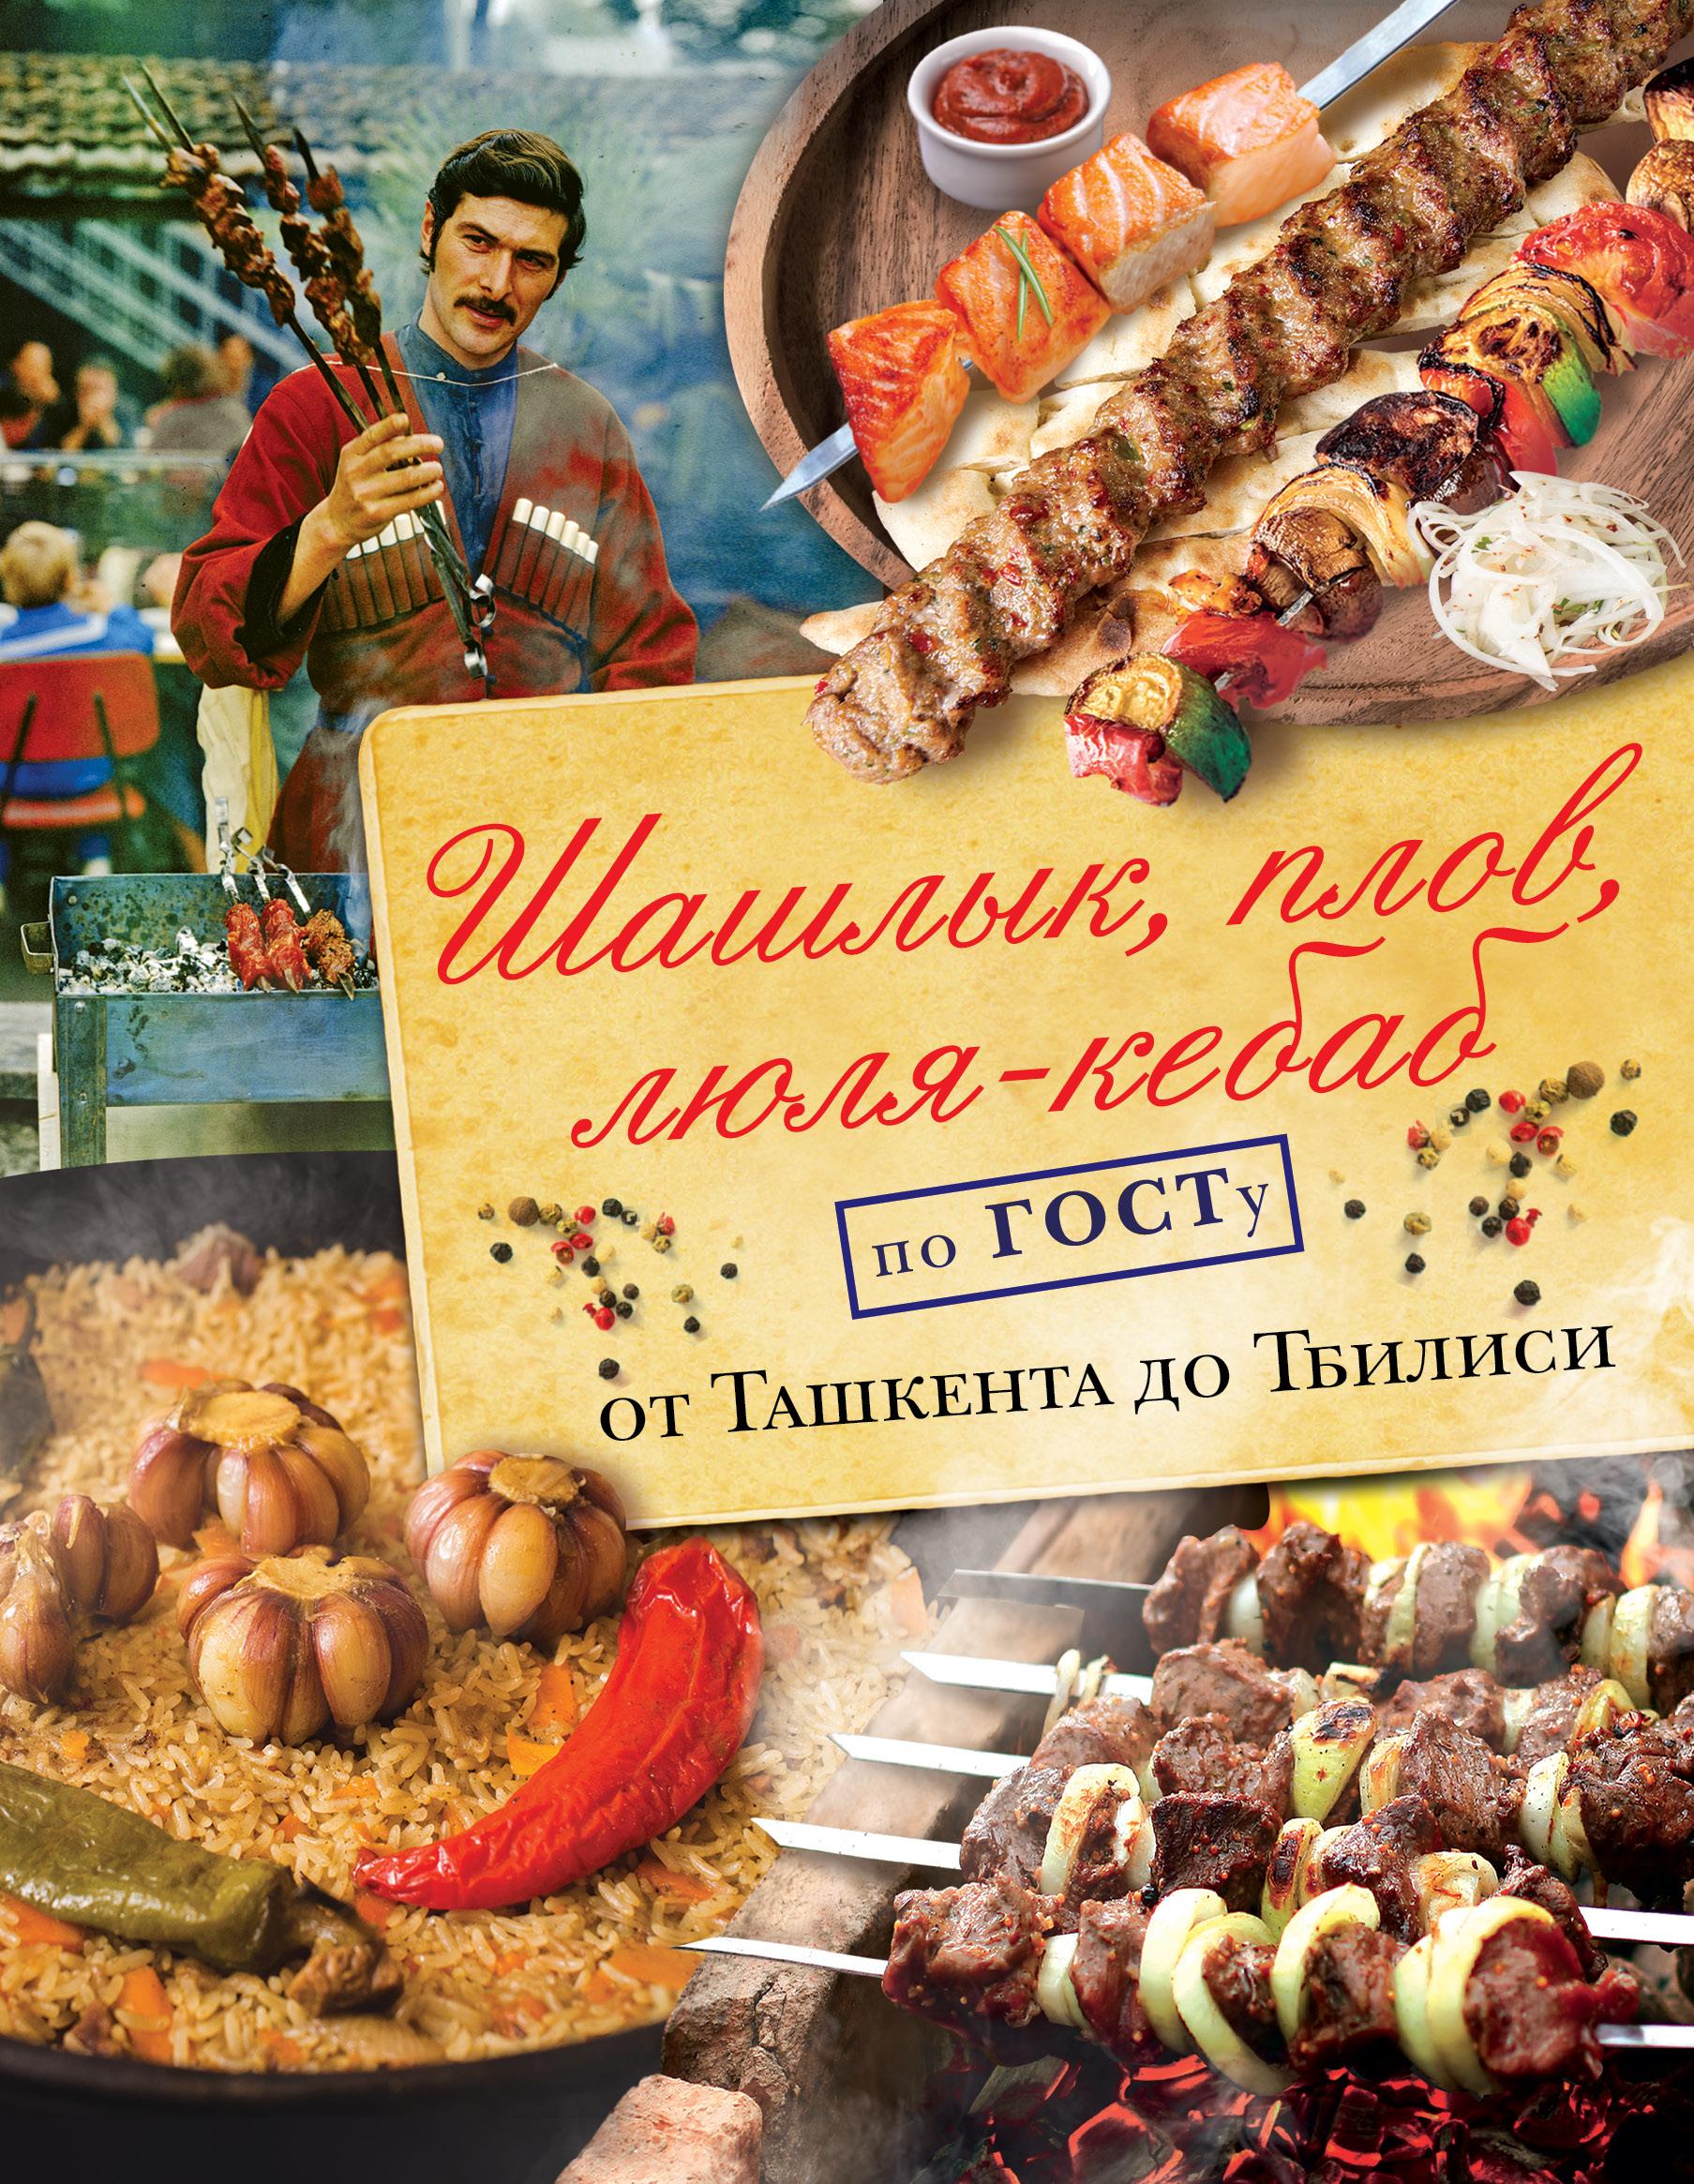 Полетаева Н.В. Шашлык, плов, люля-кебаб по ГОСТу от Ташкента до Тбилиси ольхов олег рыба морепродукты на вашем столе салаты закуски супы второе